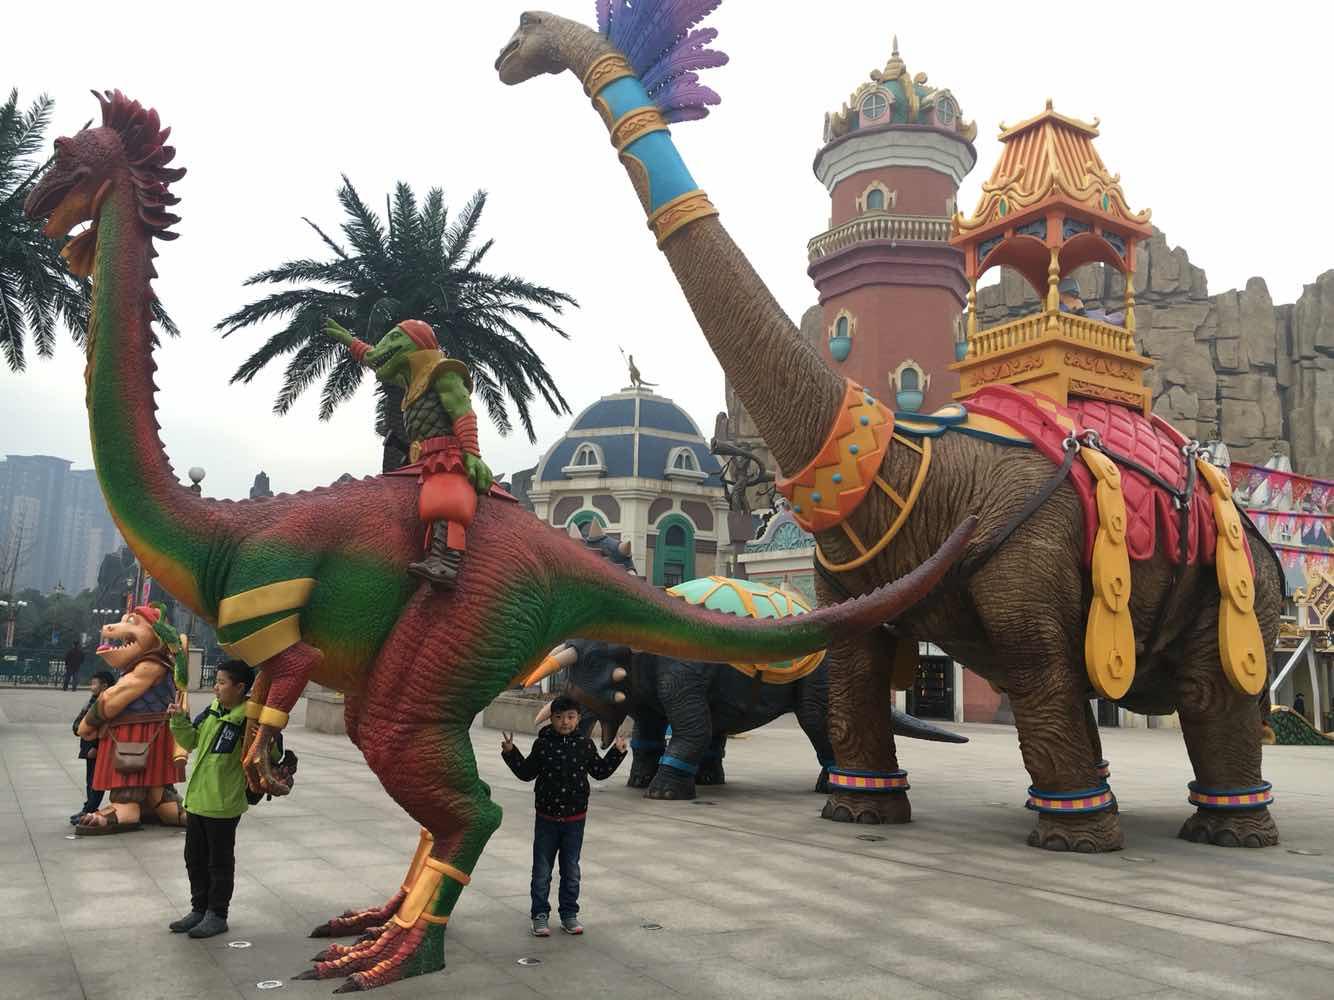 常州恐龙园 恐龙园门票 主题套餐 家庭票常州恐龙园 从南京大概八 驴妈